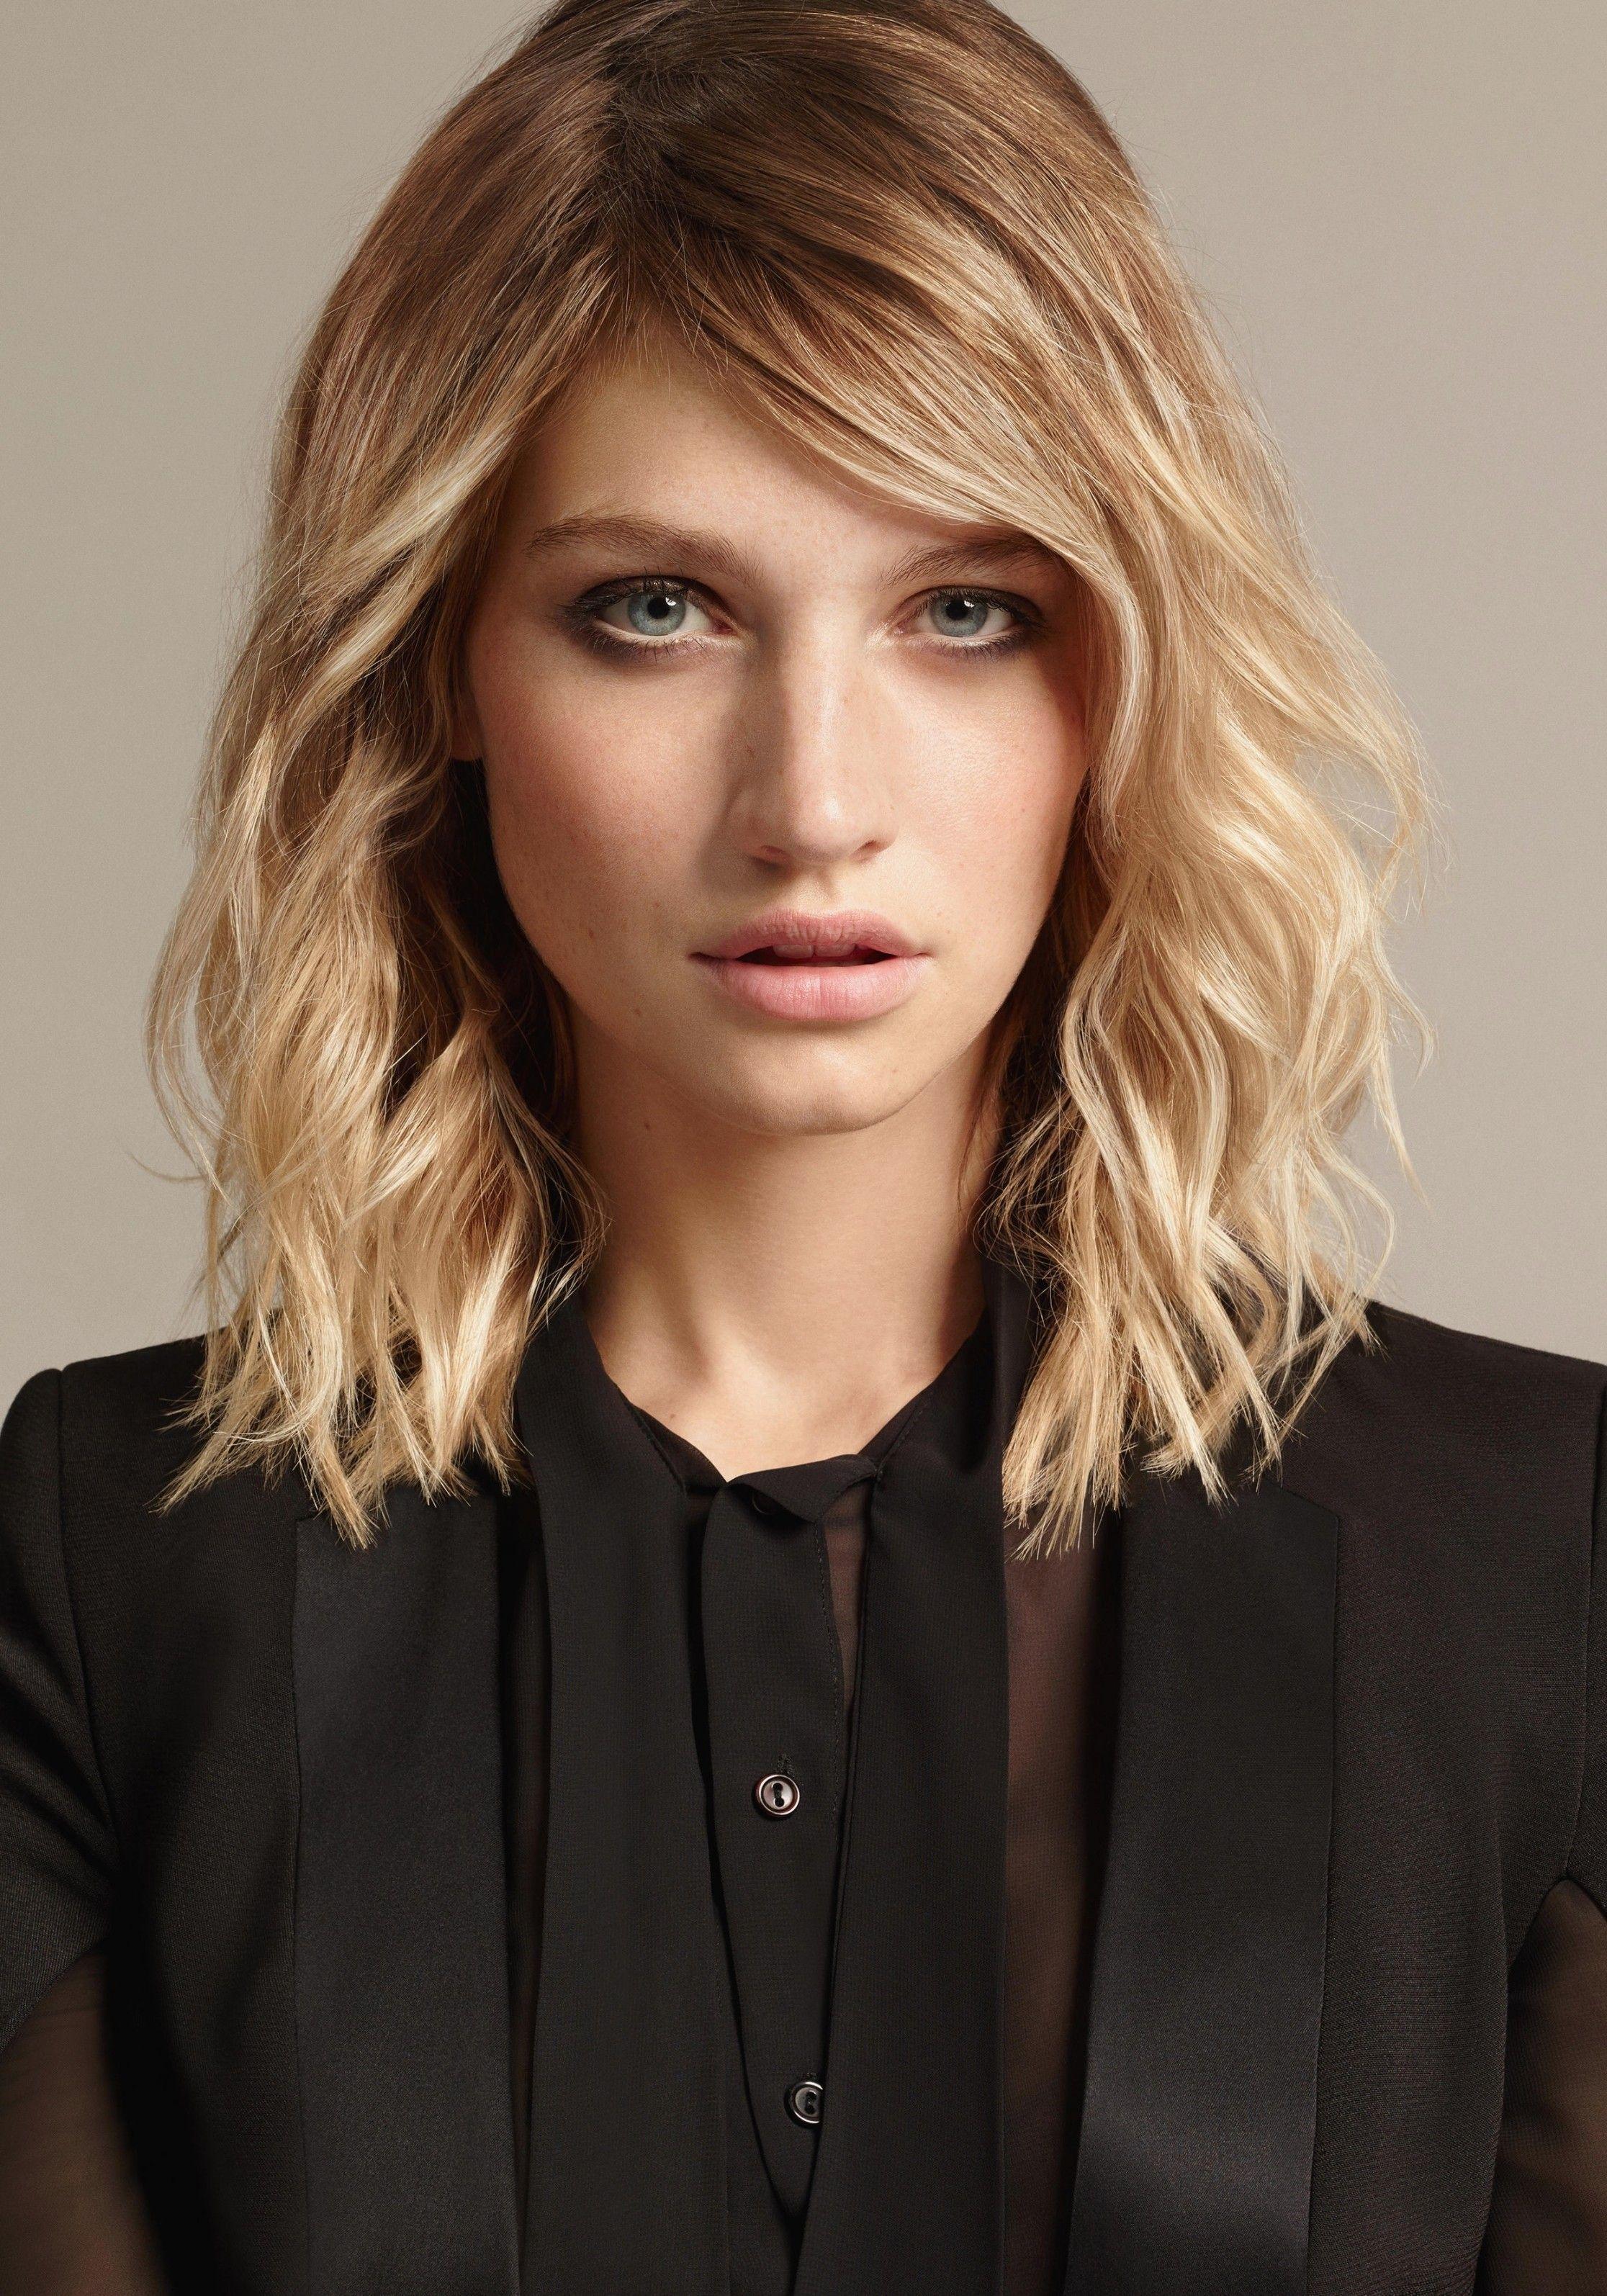 Frisuren Frauen Mittellanges Haar Frauen Frisuren Mittellanges